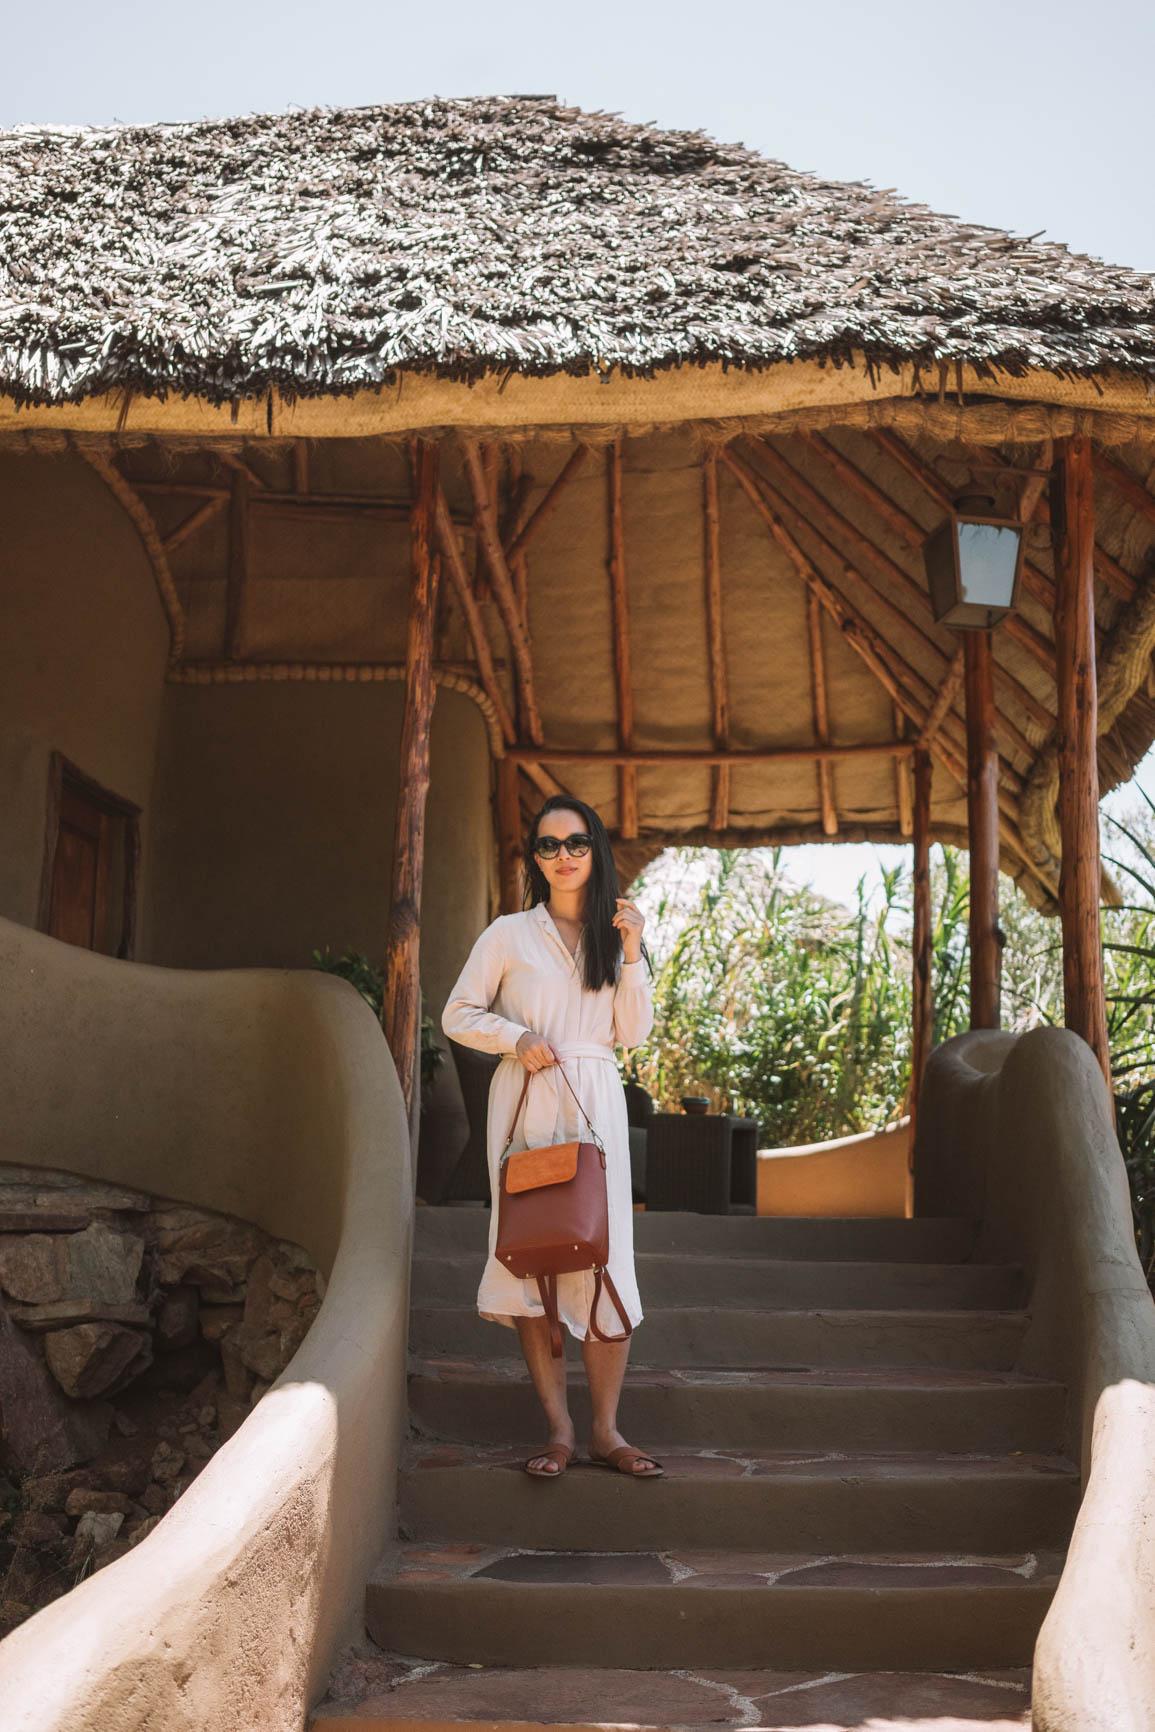 Olarro Lodge Maasai Mara Kenya #Africa #Kenya #Safari